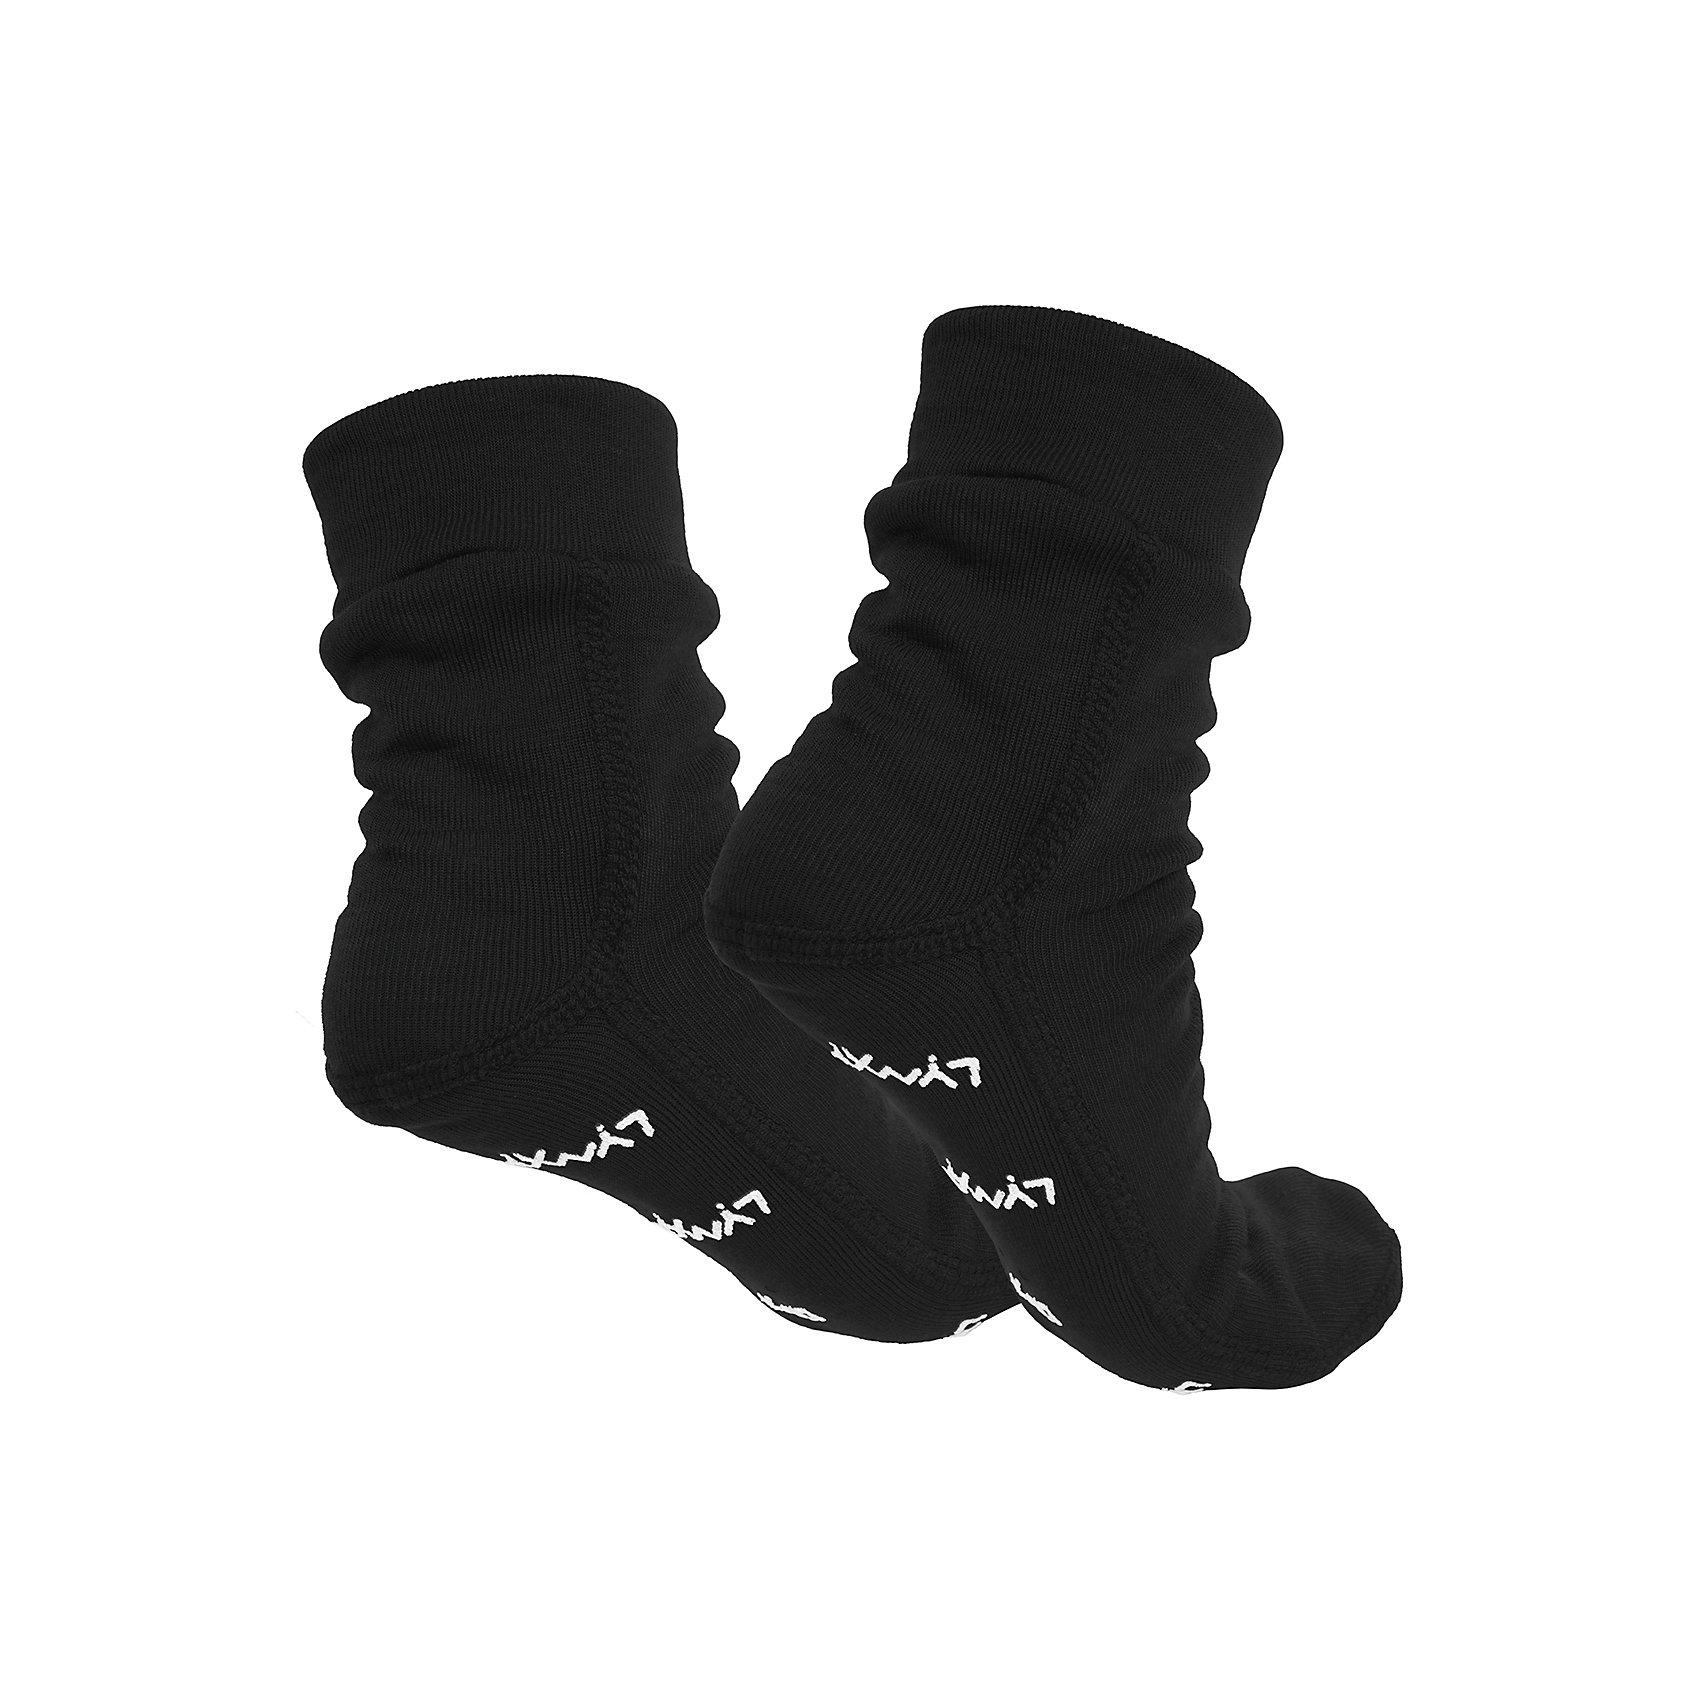 Термоноски LynxyФлис и термобелье<br>Термоноски от известного бренда Lynxy.<br>Детские носочки выполнены из мягкого термополотна Trevira с микроначесом с изнаночной стороны. Благодаря эластичному и мягкому полотну изделие приятно к телу, плоские швы и эргономические лекала обеспечивают комфортное прилегание. Идеально сохраняет тепло и выводит влагу, позволяя коже оставаться сухой. Благодаря присутствию ионов серебра в структуре полотна, имеет противомикробные свойства. Идеально подходит для длительных прогулок и активных занятий спортом в холодное время года до - 30 градусов. Рекомендуется деликатная машинная стирка при температуре 40 градусов без предварительного замачивания.<br>Состав:<br>полиэстер 95%, вискоза 5%<br><br>Ширина мм: 87<br>Глубина мм: 10<br>Высота мм: 105<br>Вес г: 115<br>Цвет: черный<br>Возраст от месяцев: 108<br>Возраст до месяцев: 120<br>Пол: Унисекс<br>Возраст: Детский<br>Размер: 33-35,19/20,20-23,23-26,27-29,29-32<br>SKU: 4971337